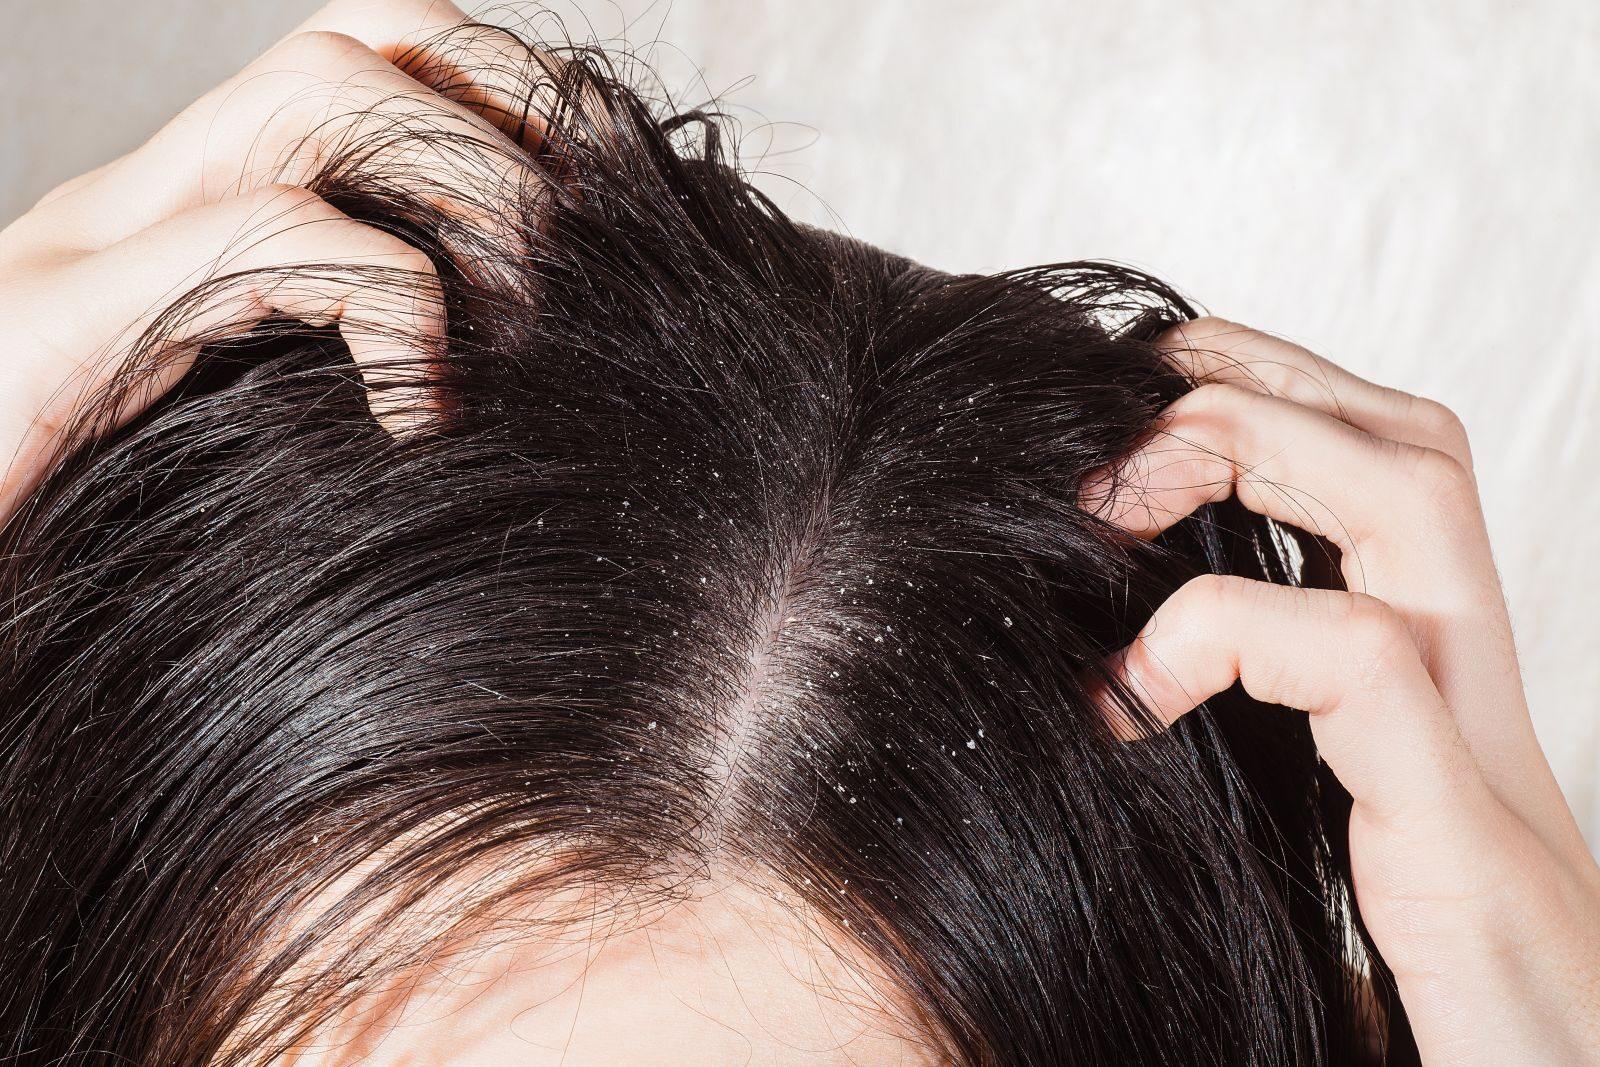 vörös foltok a fejbőrön a haj viszketése alatt